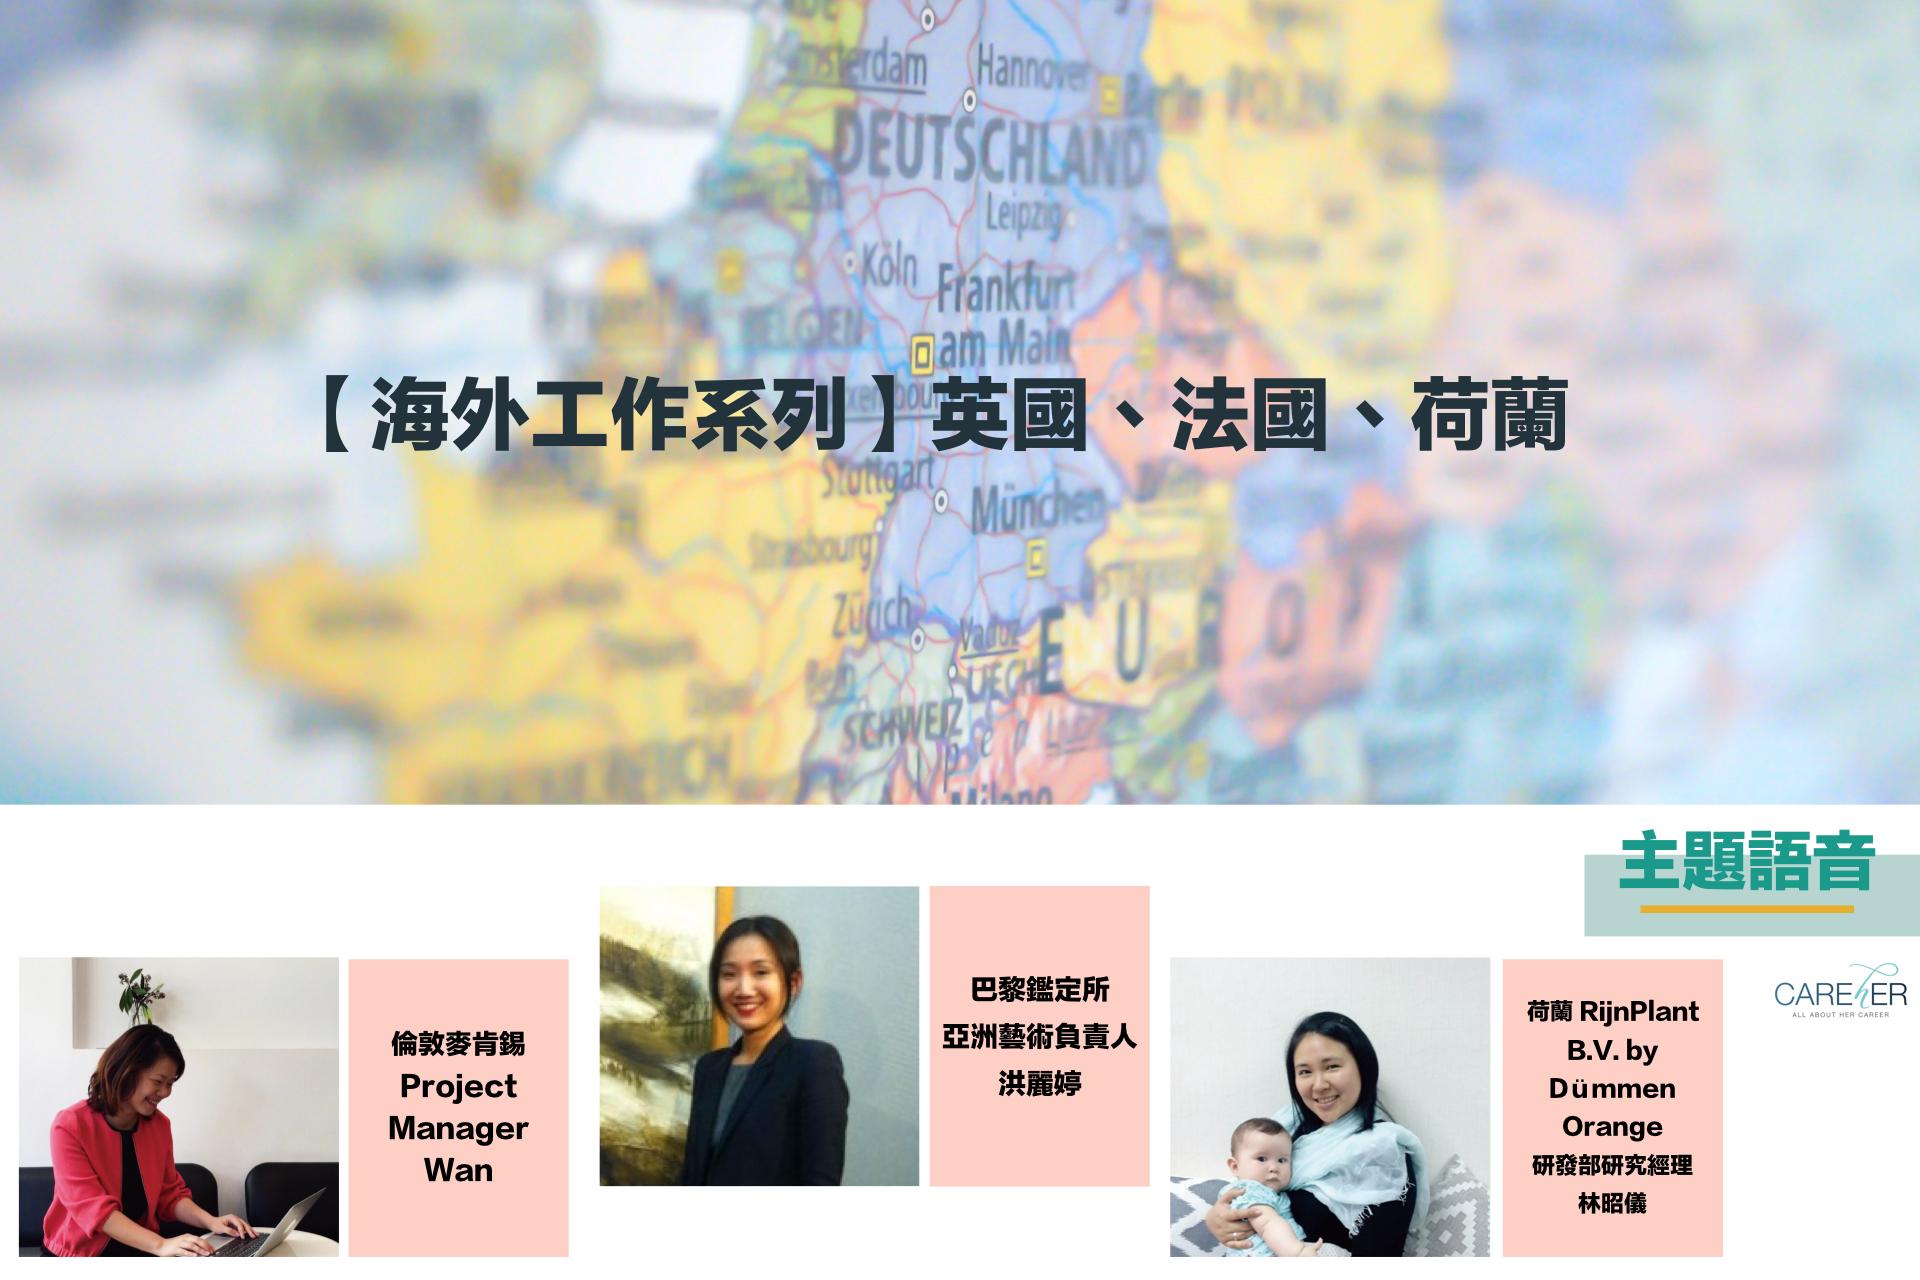 【CAREhER 主題語音】到歐洲工作!英國麥肯錫顧問、巴黎鑑定所亞洲藝術負責人、荷蘭花卉公司研究經理